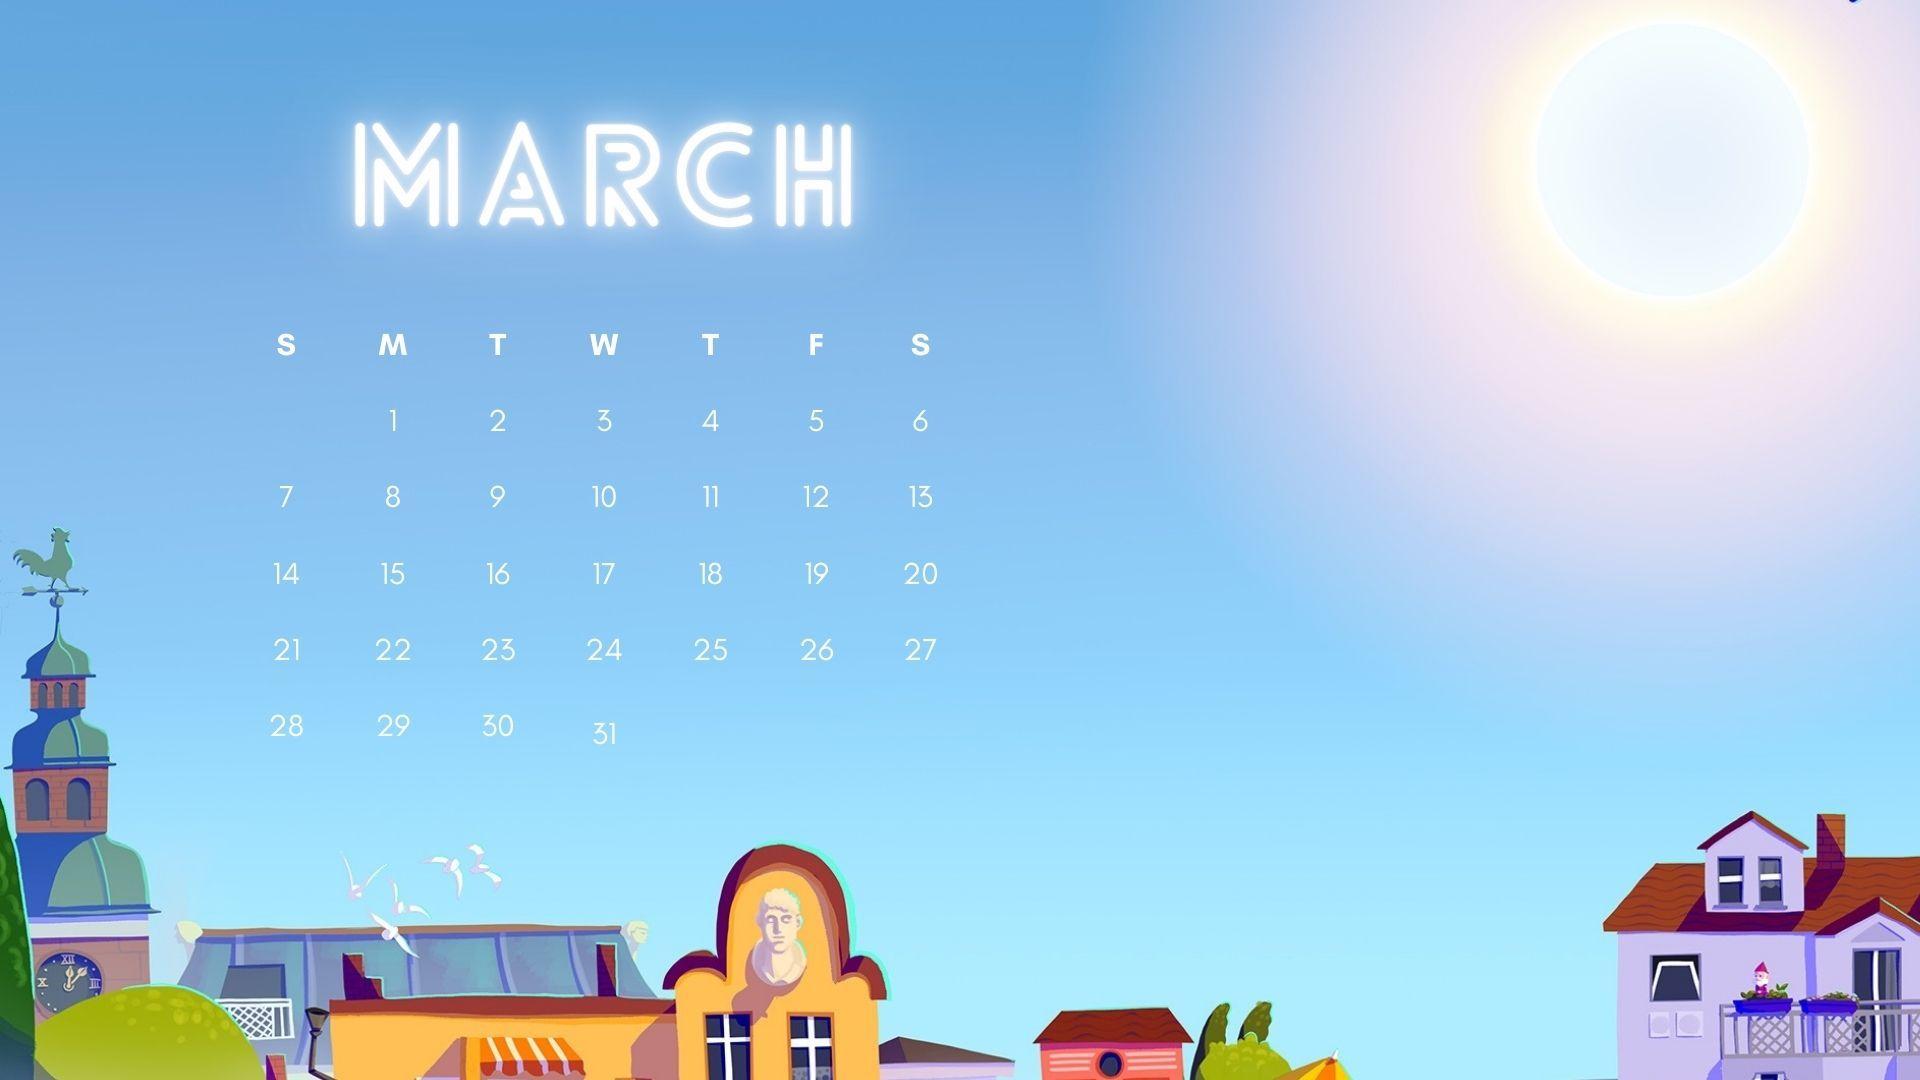 download March 2021 calendar wallpaper Calendar wallpaper 1920x1080